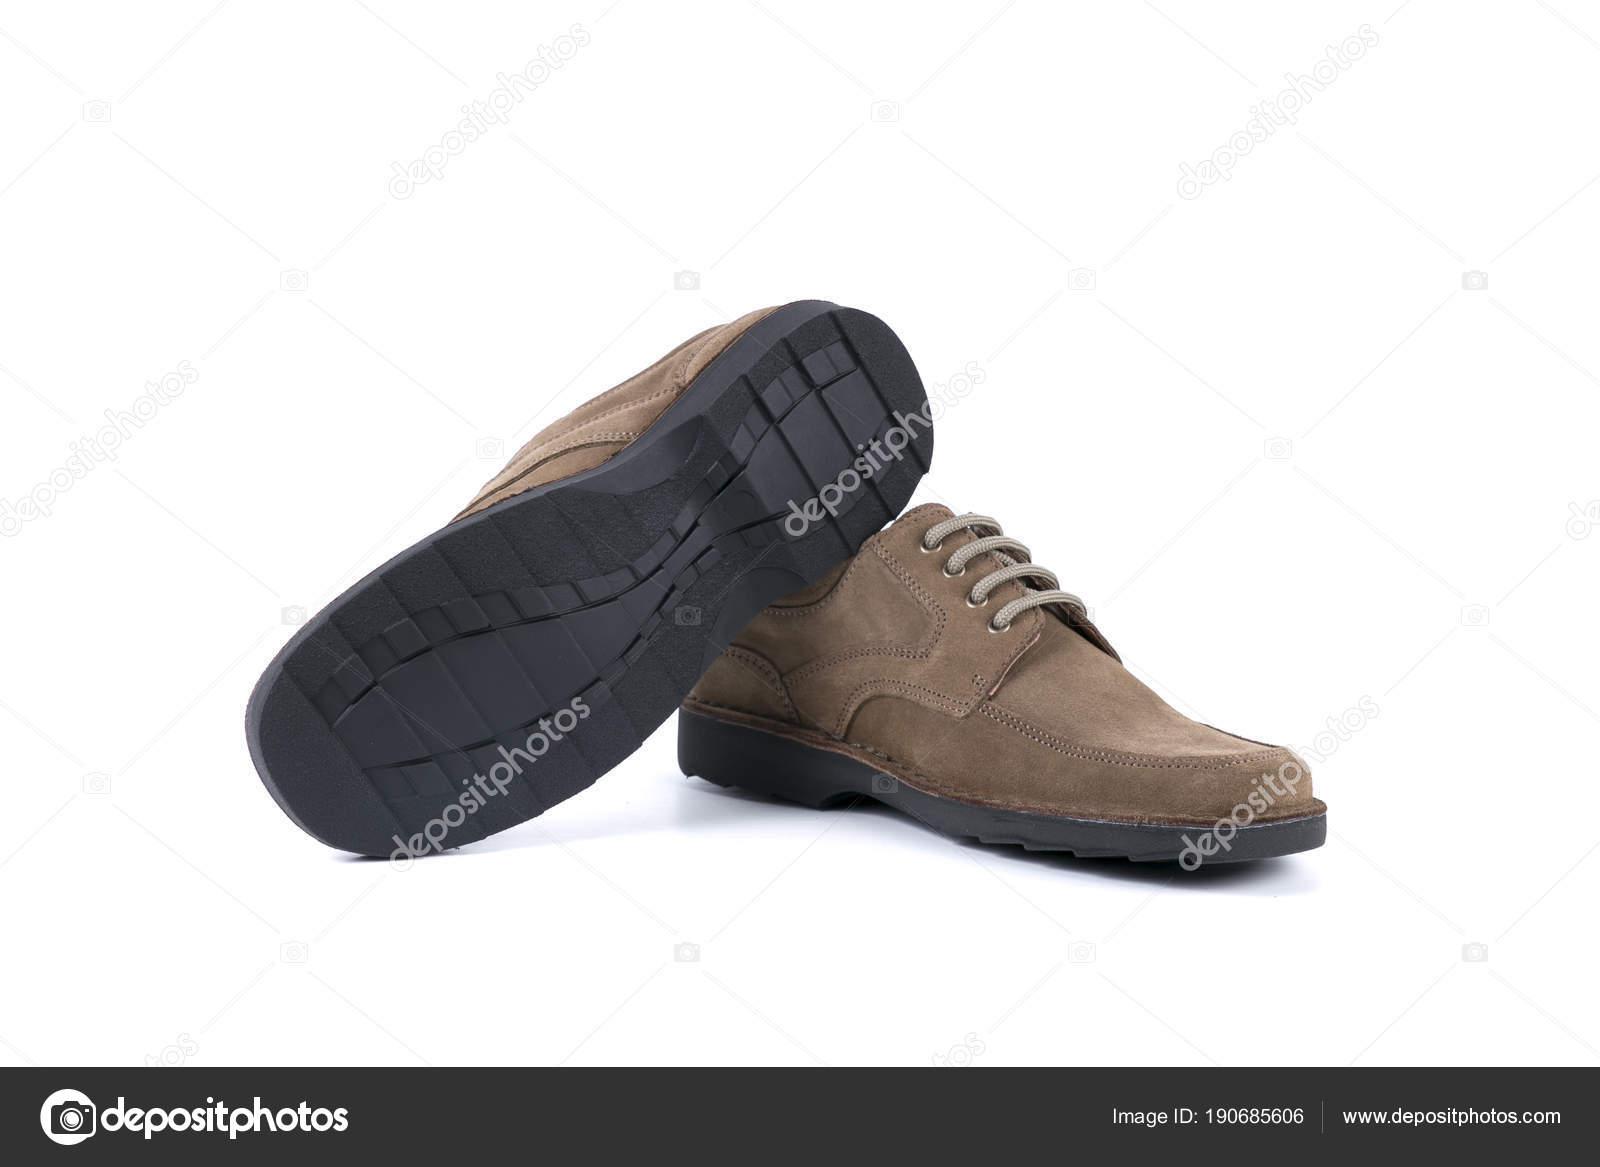 fb94c889b99 Blanco Hombre Calzado Foto Marrón Cuero Producto Stock Sobre Fondo Aislado  Zapatos De gdqzwXz